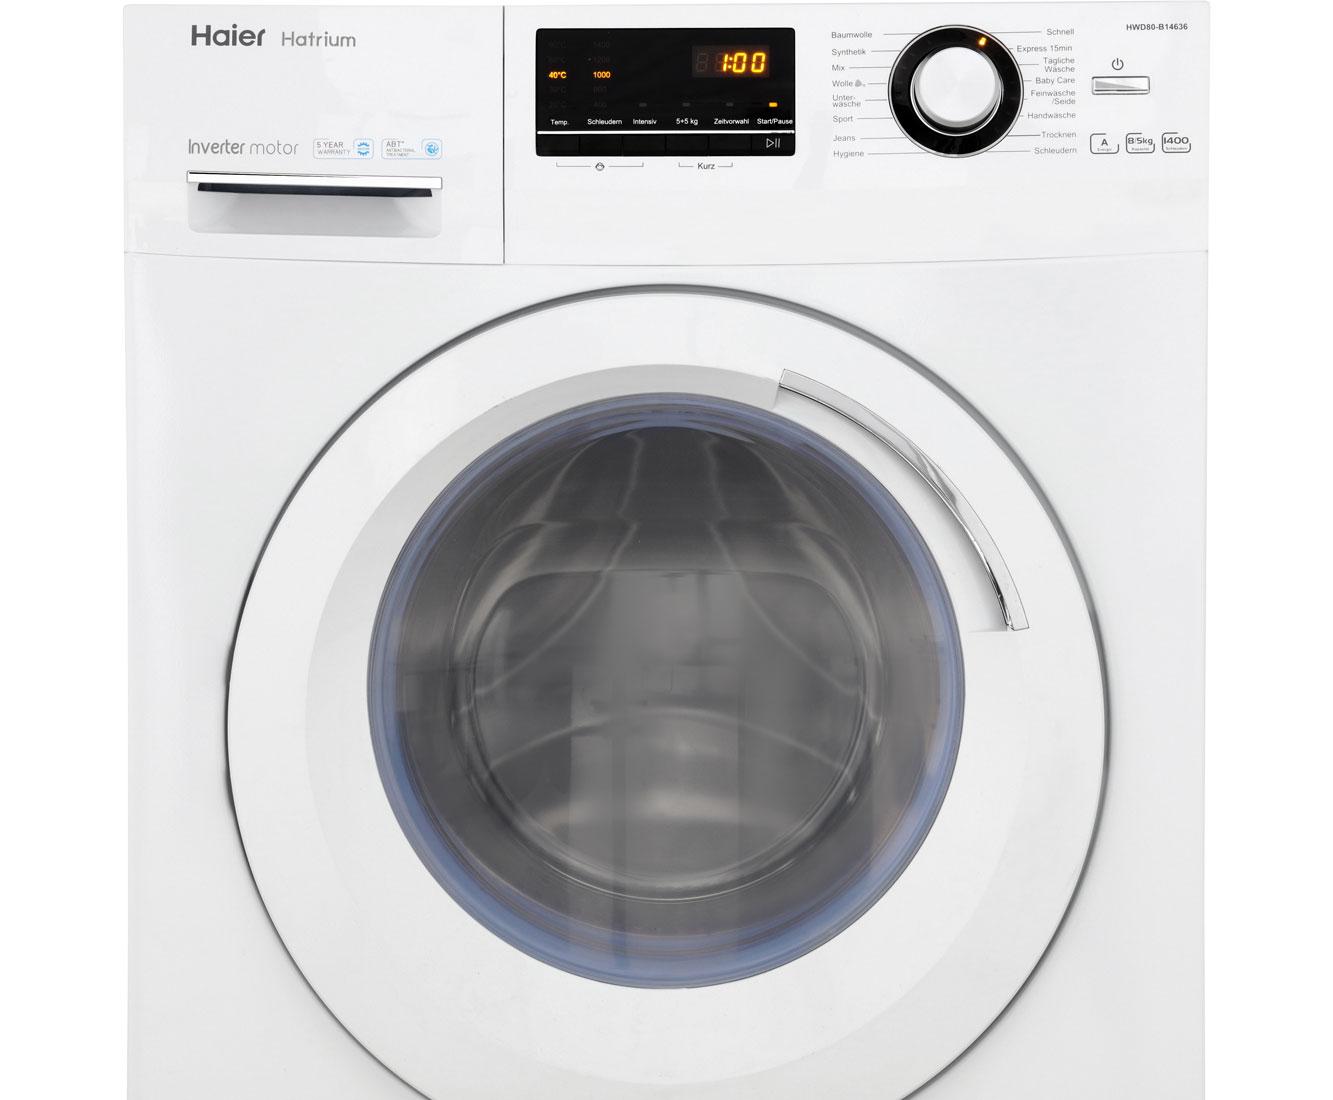 haier hwd80 b14636 waschtrockner wei wir schlie en ihr ger t auch an ebay. Black Bedroom Furniture Sets. Home Design Ideas